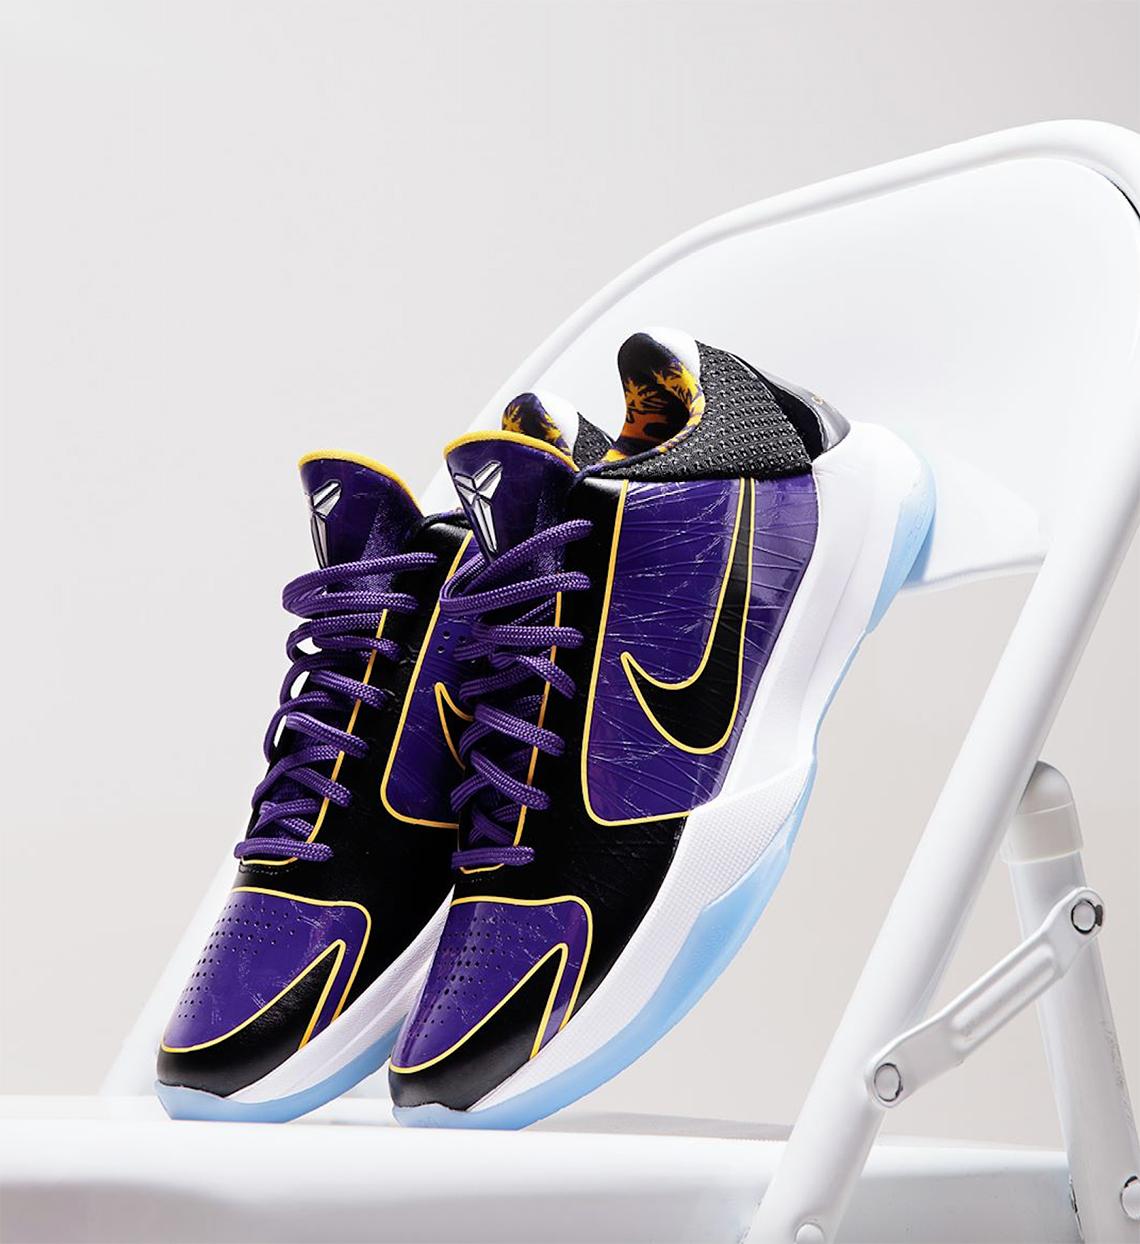 Nike Kobe 5 Protro 5x Champ Release